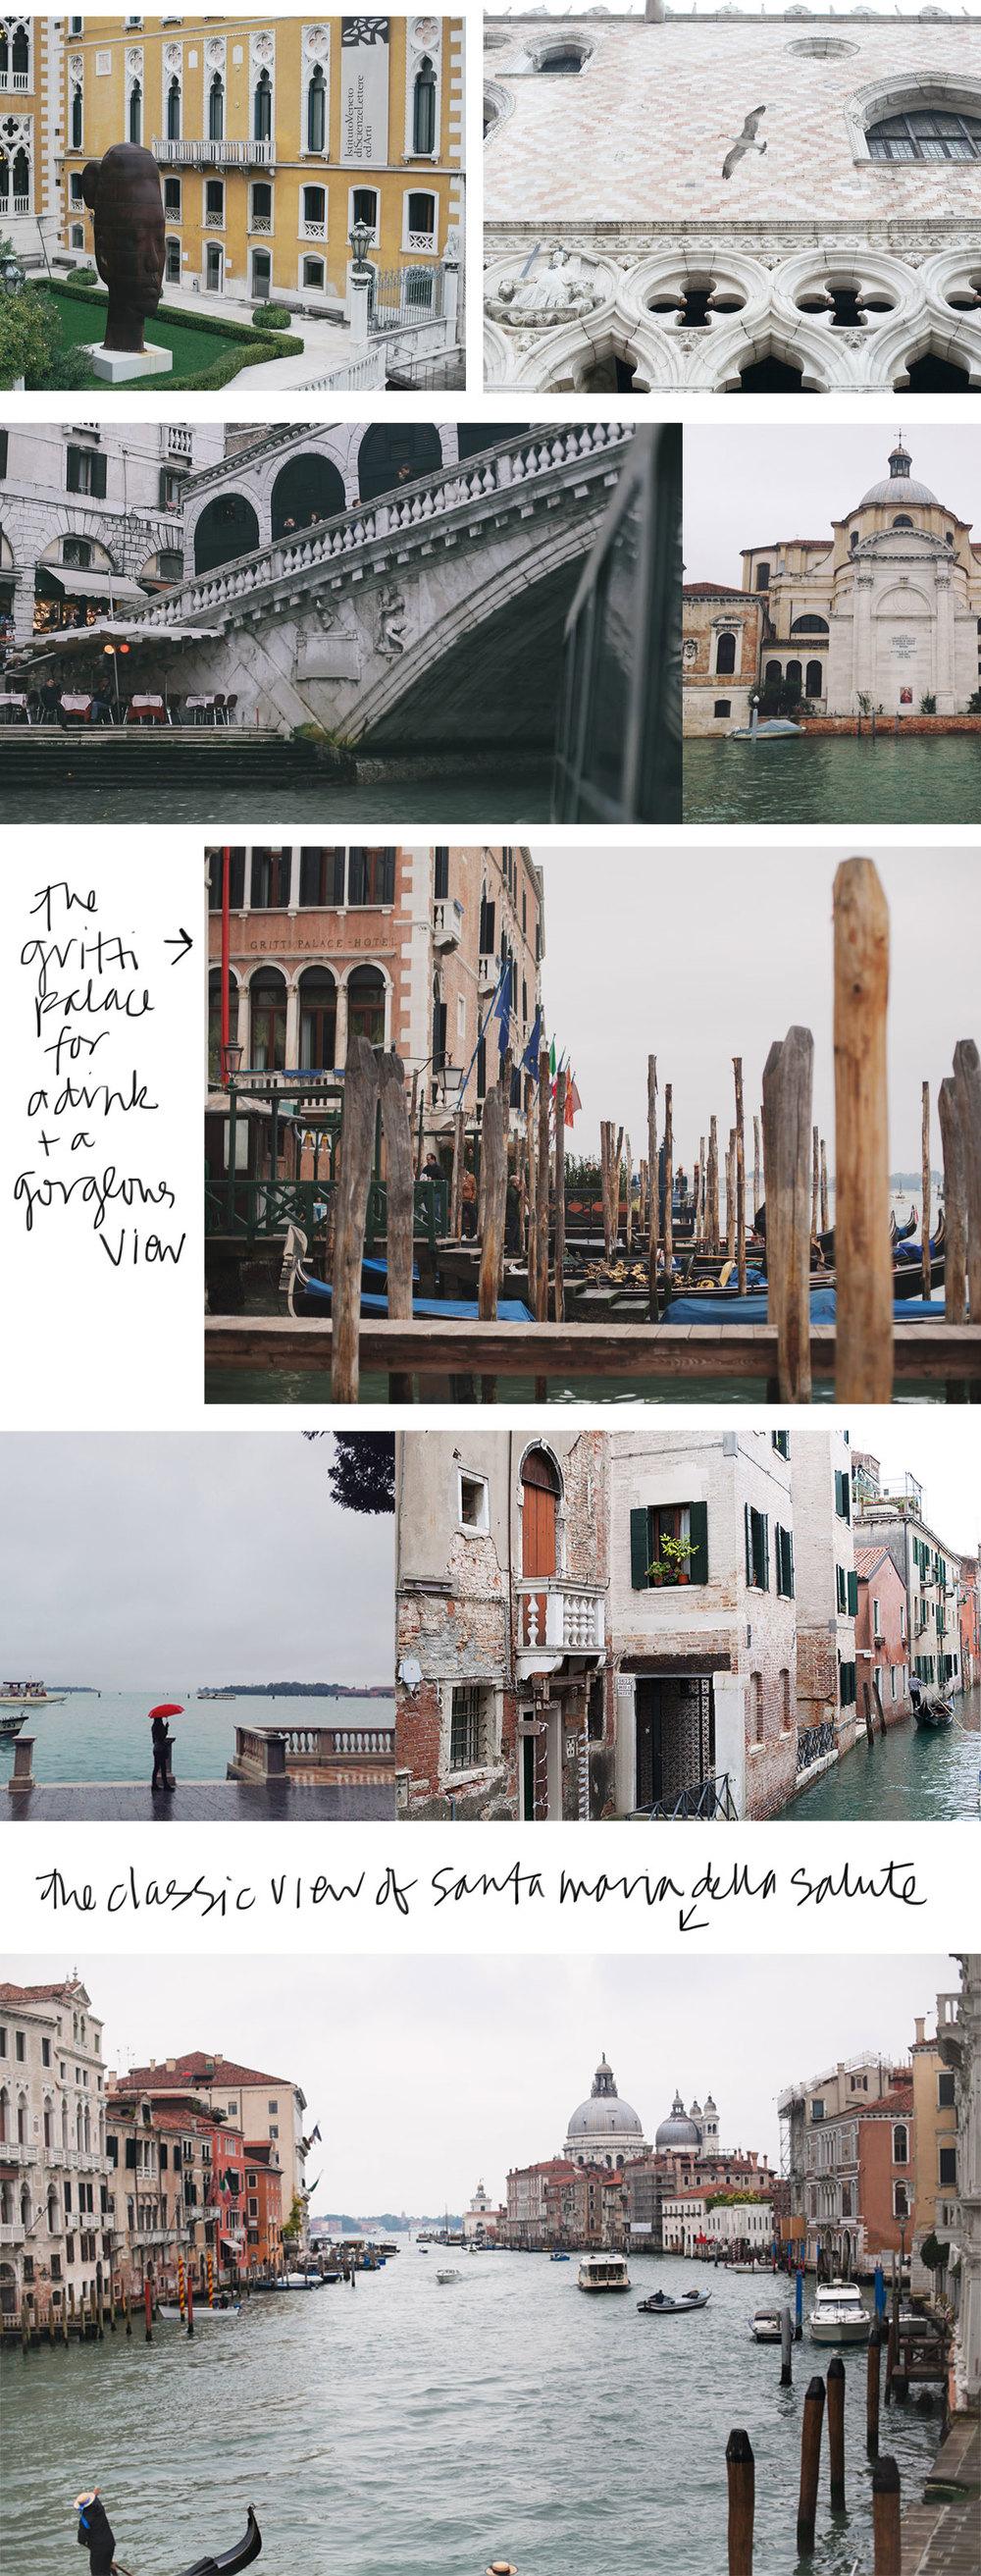 Naomi Yamada photographs Venice Italy